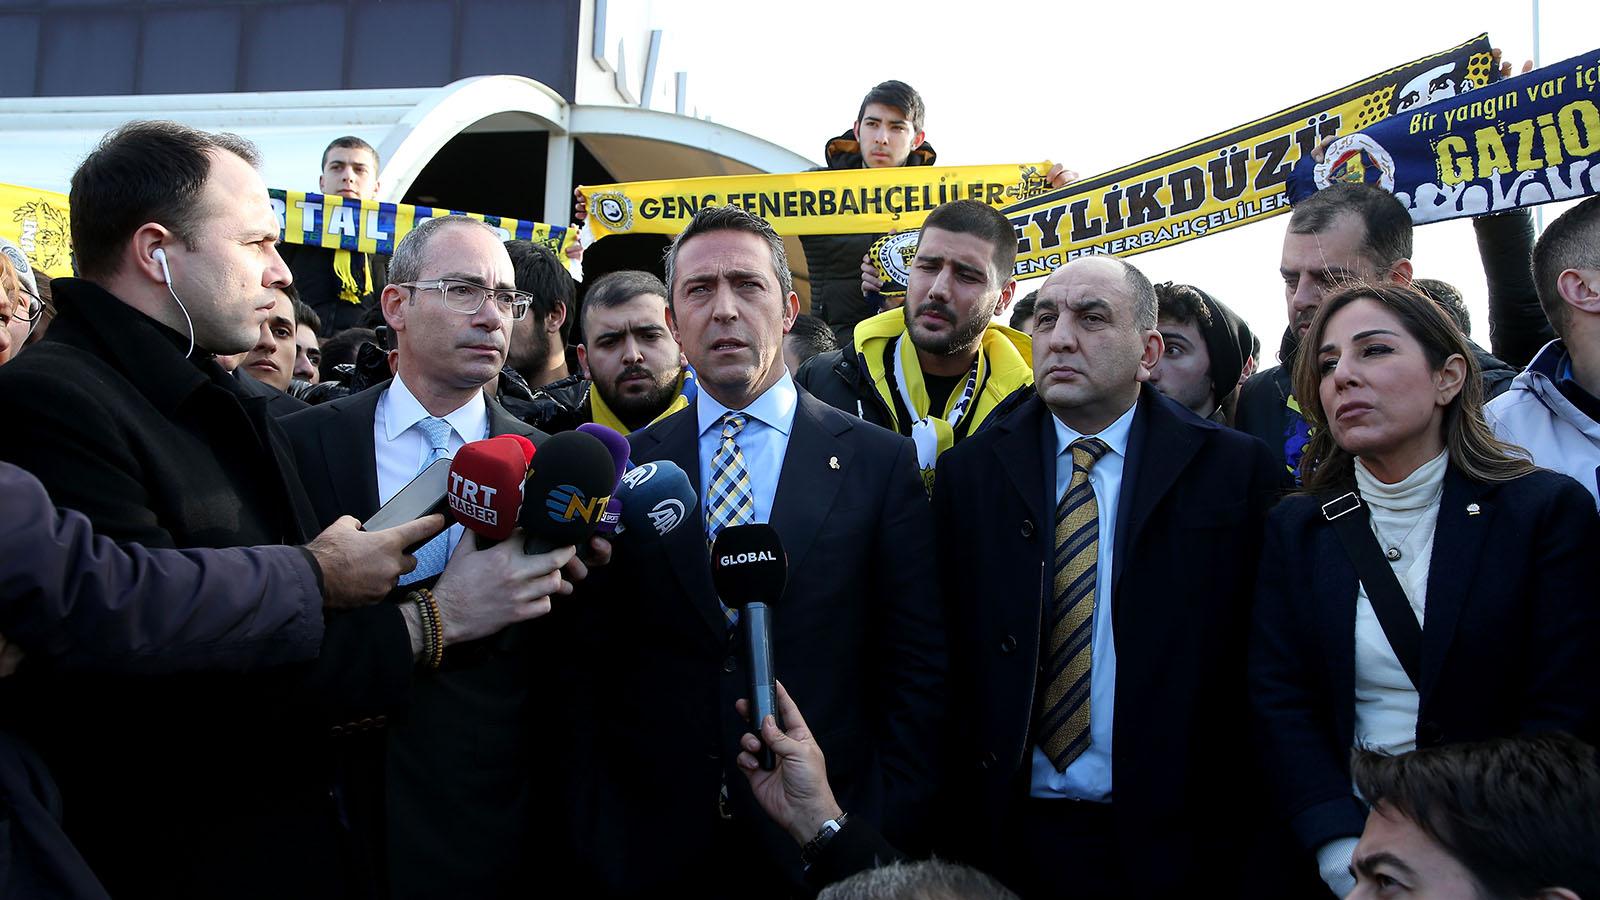 Başkanımız Ali Koç: Bu sadece Fenerbahçe'nin değil; Türkiye'nin davasıdır